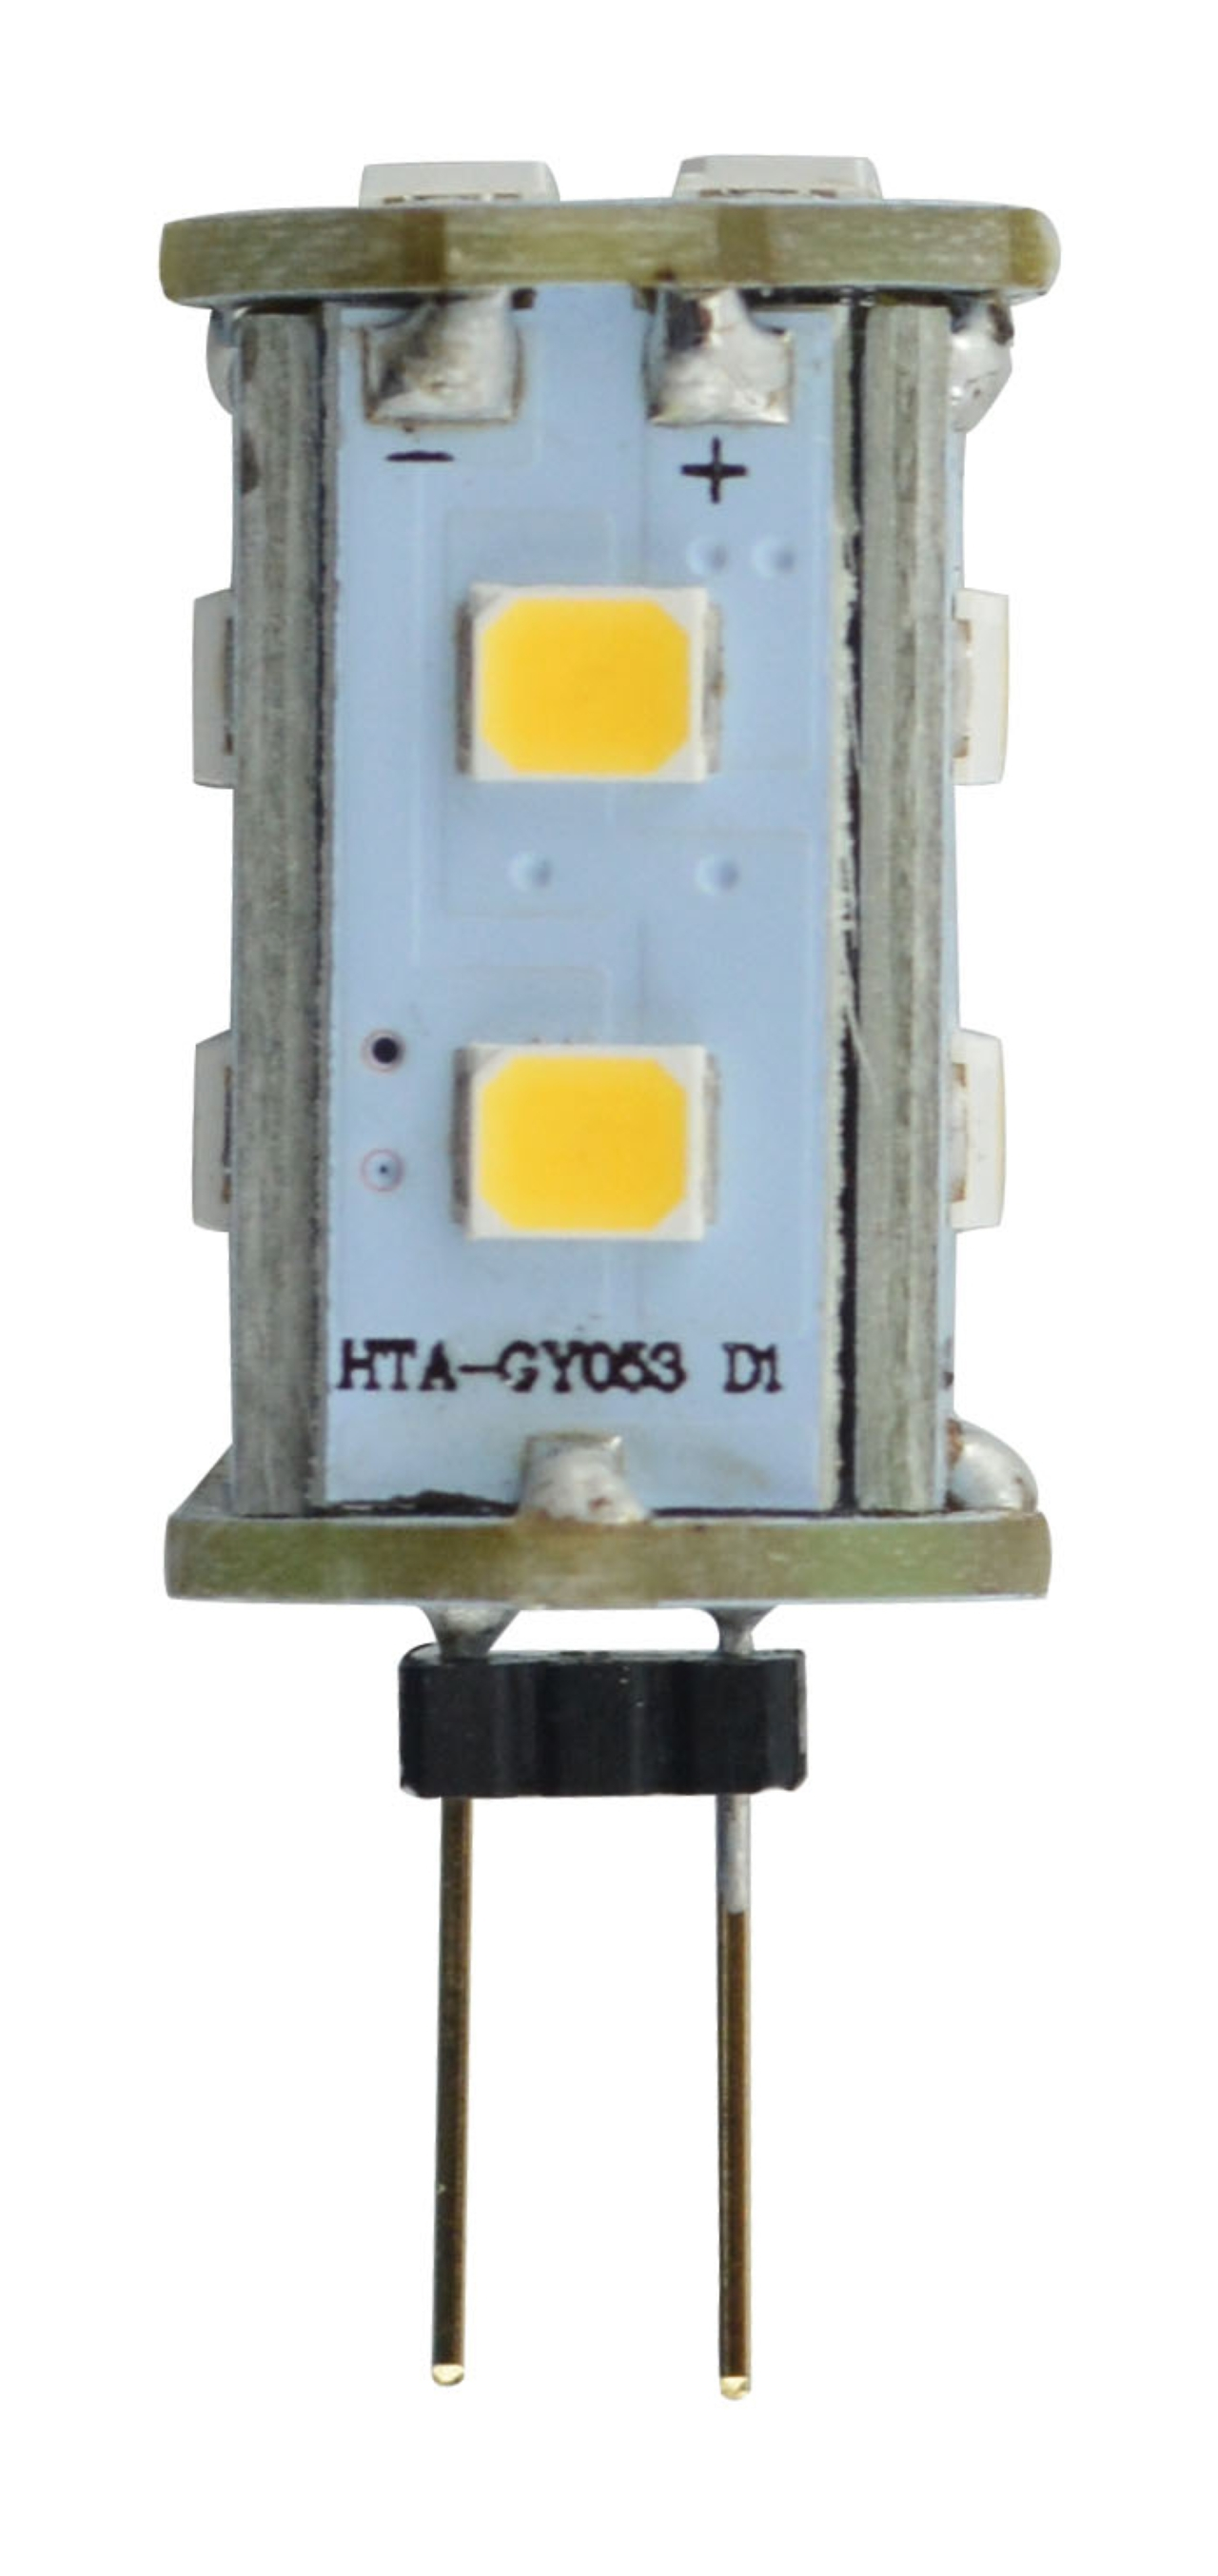 Mm Led À Aric G4 33 4000k 1w 12 Volts Ampoule 8Okn0XwP